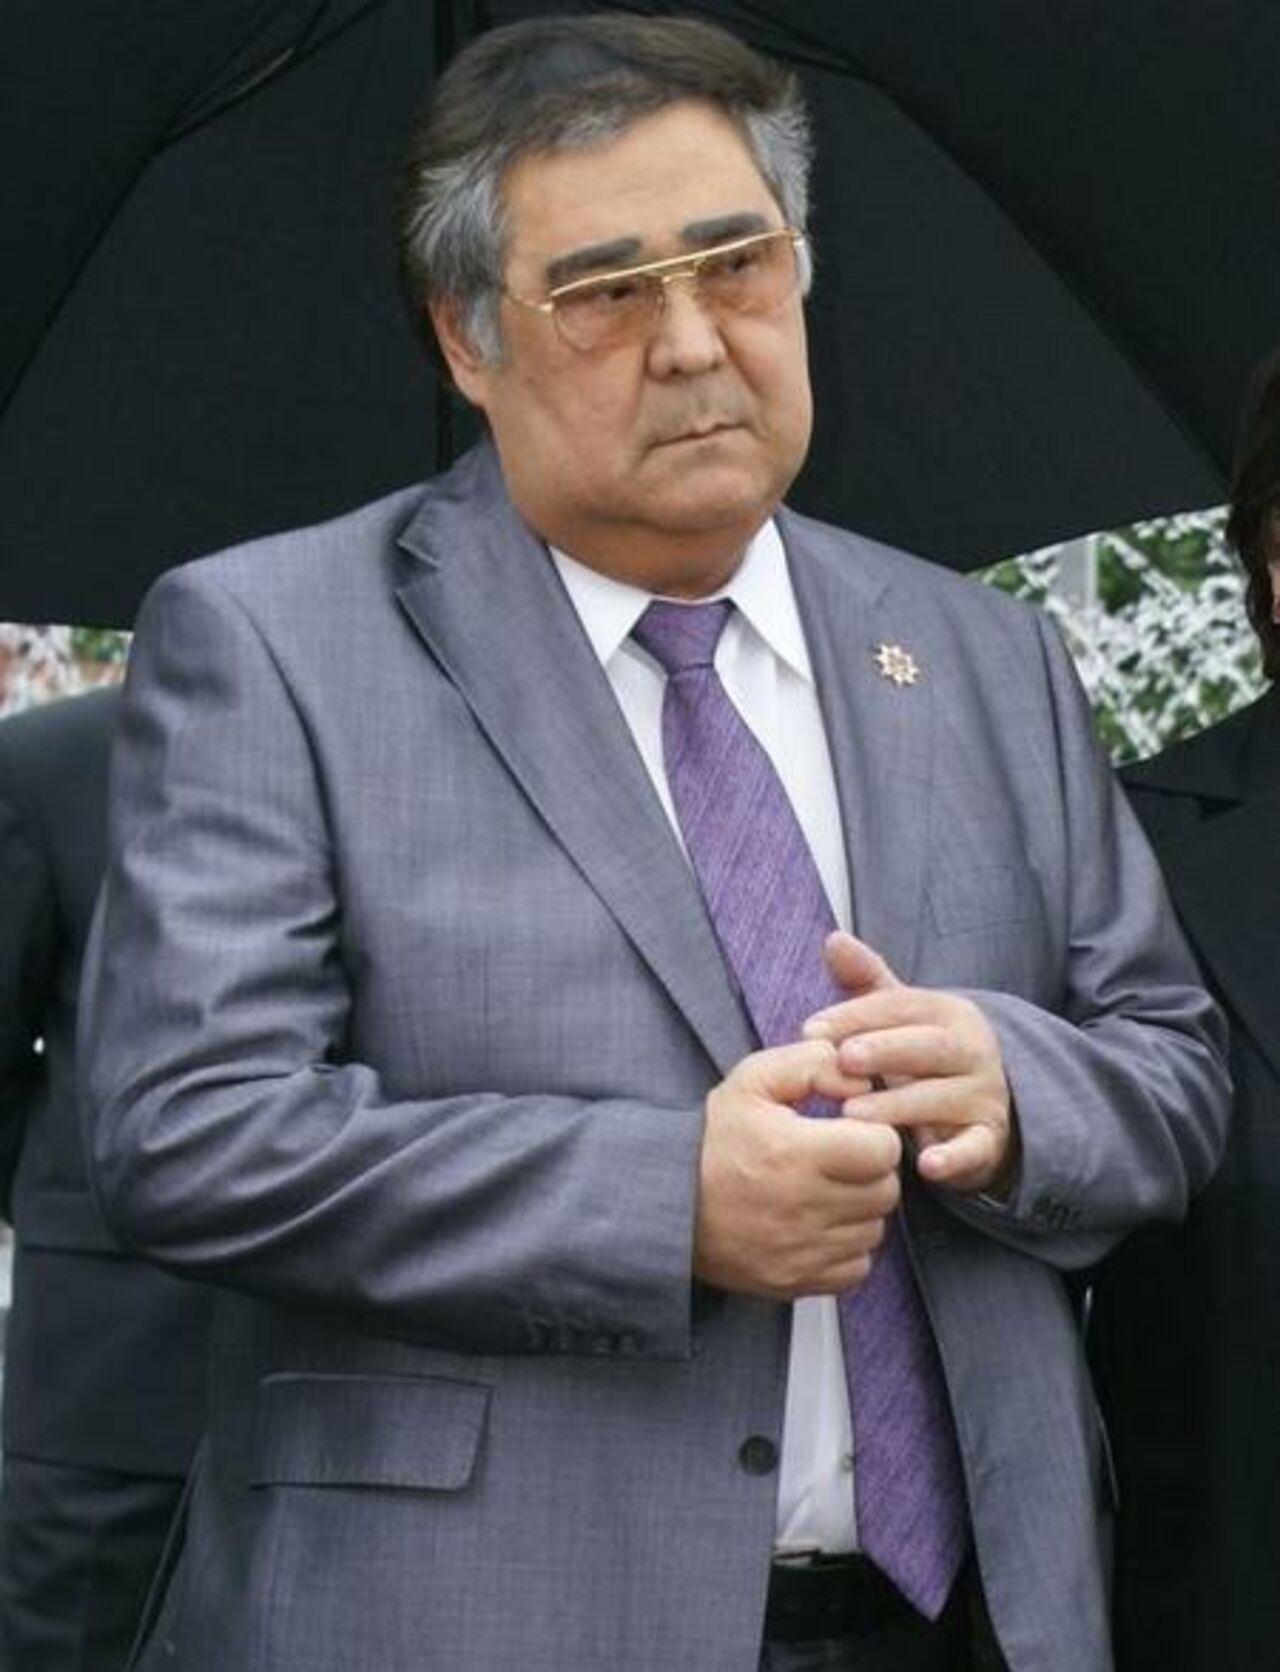 Официально он вступит в должность 17 сентября, сообщил глава региона сергей цивилев.